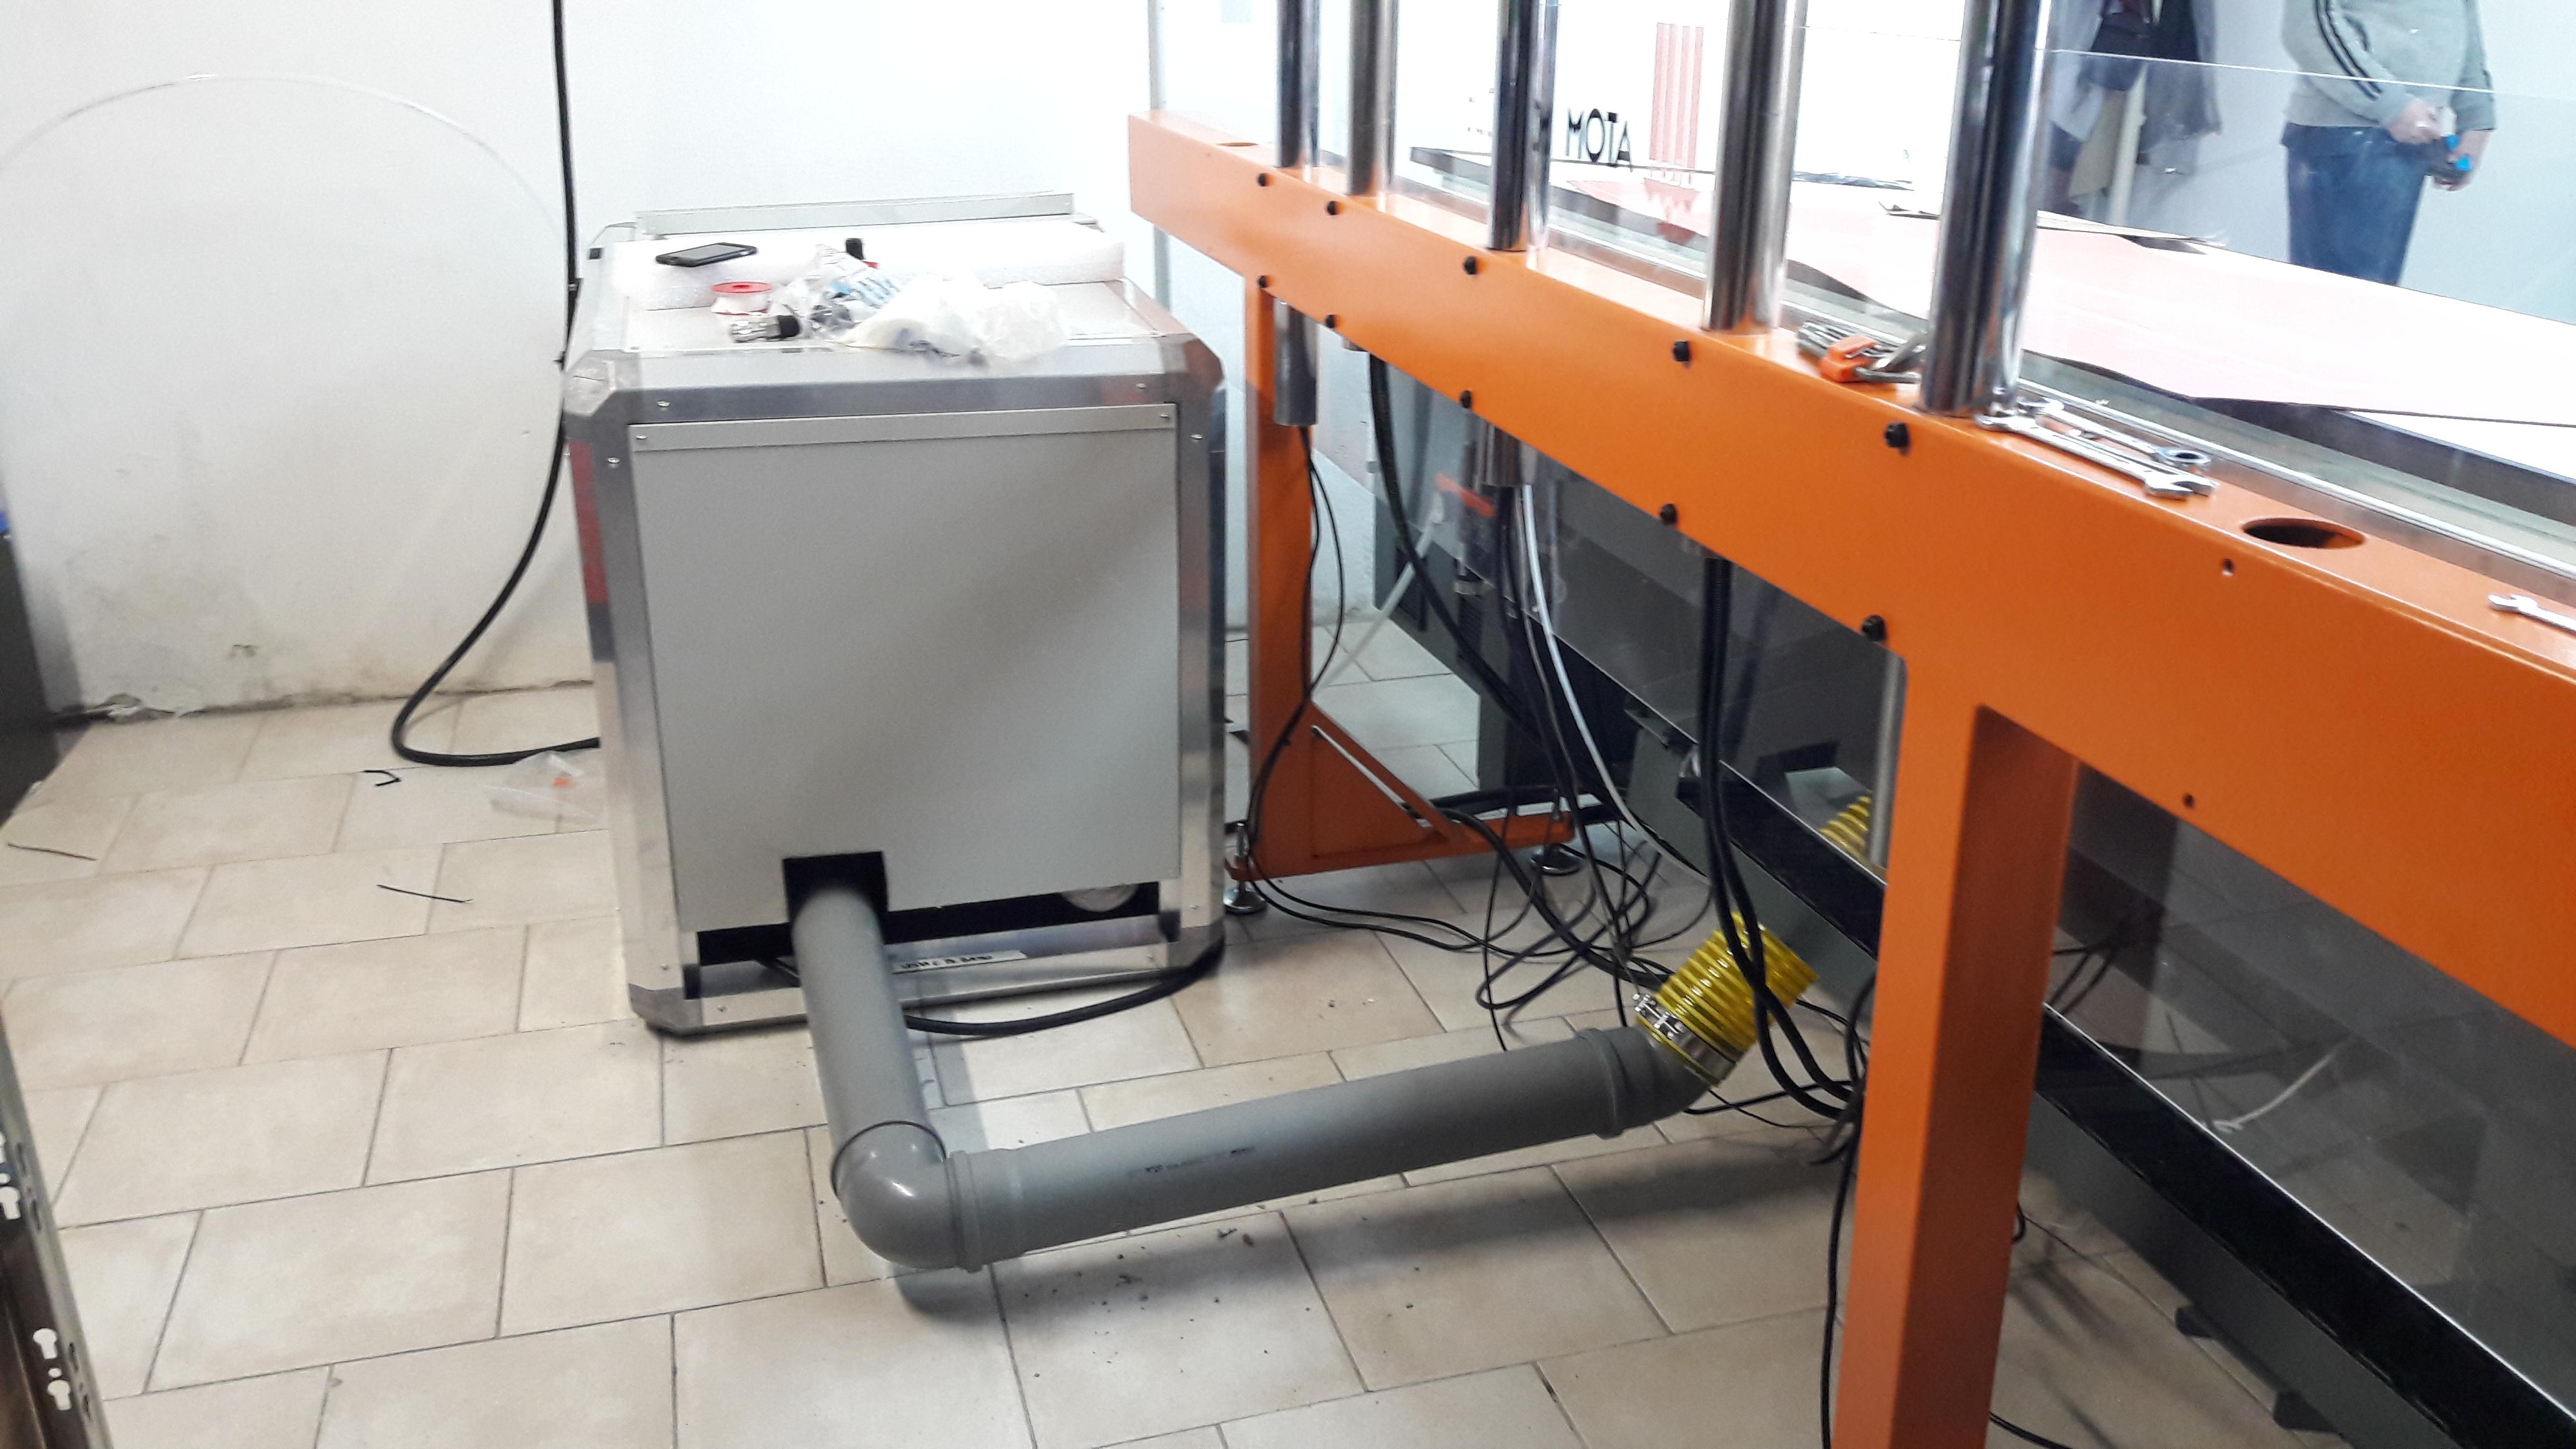 Cabina silente speciale per pomapa, vista uscita tubazioni